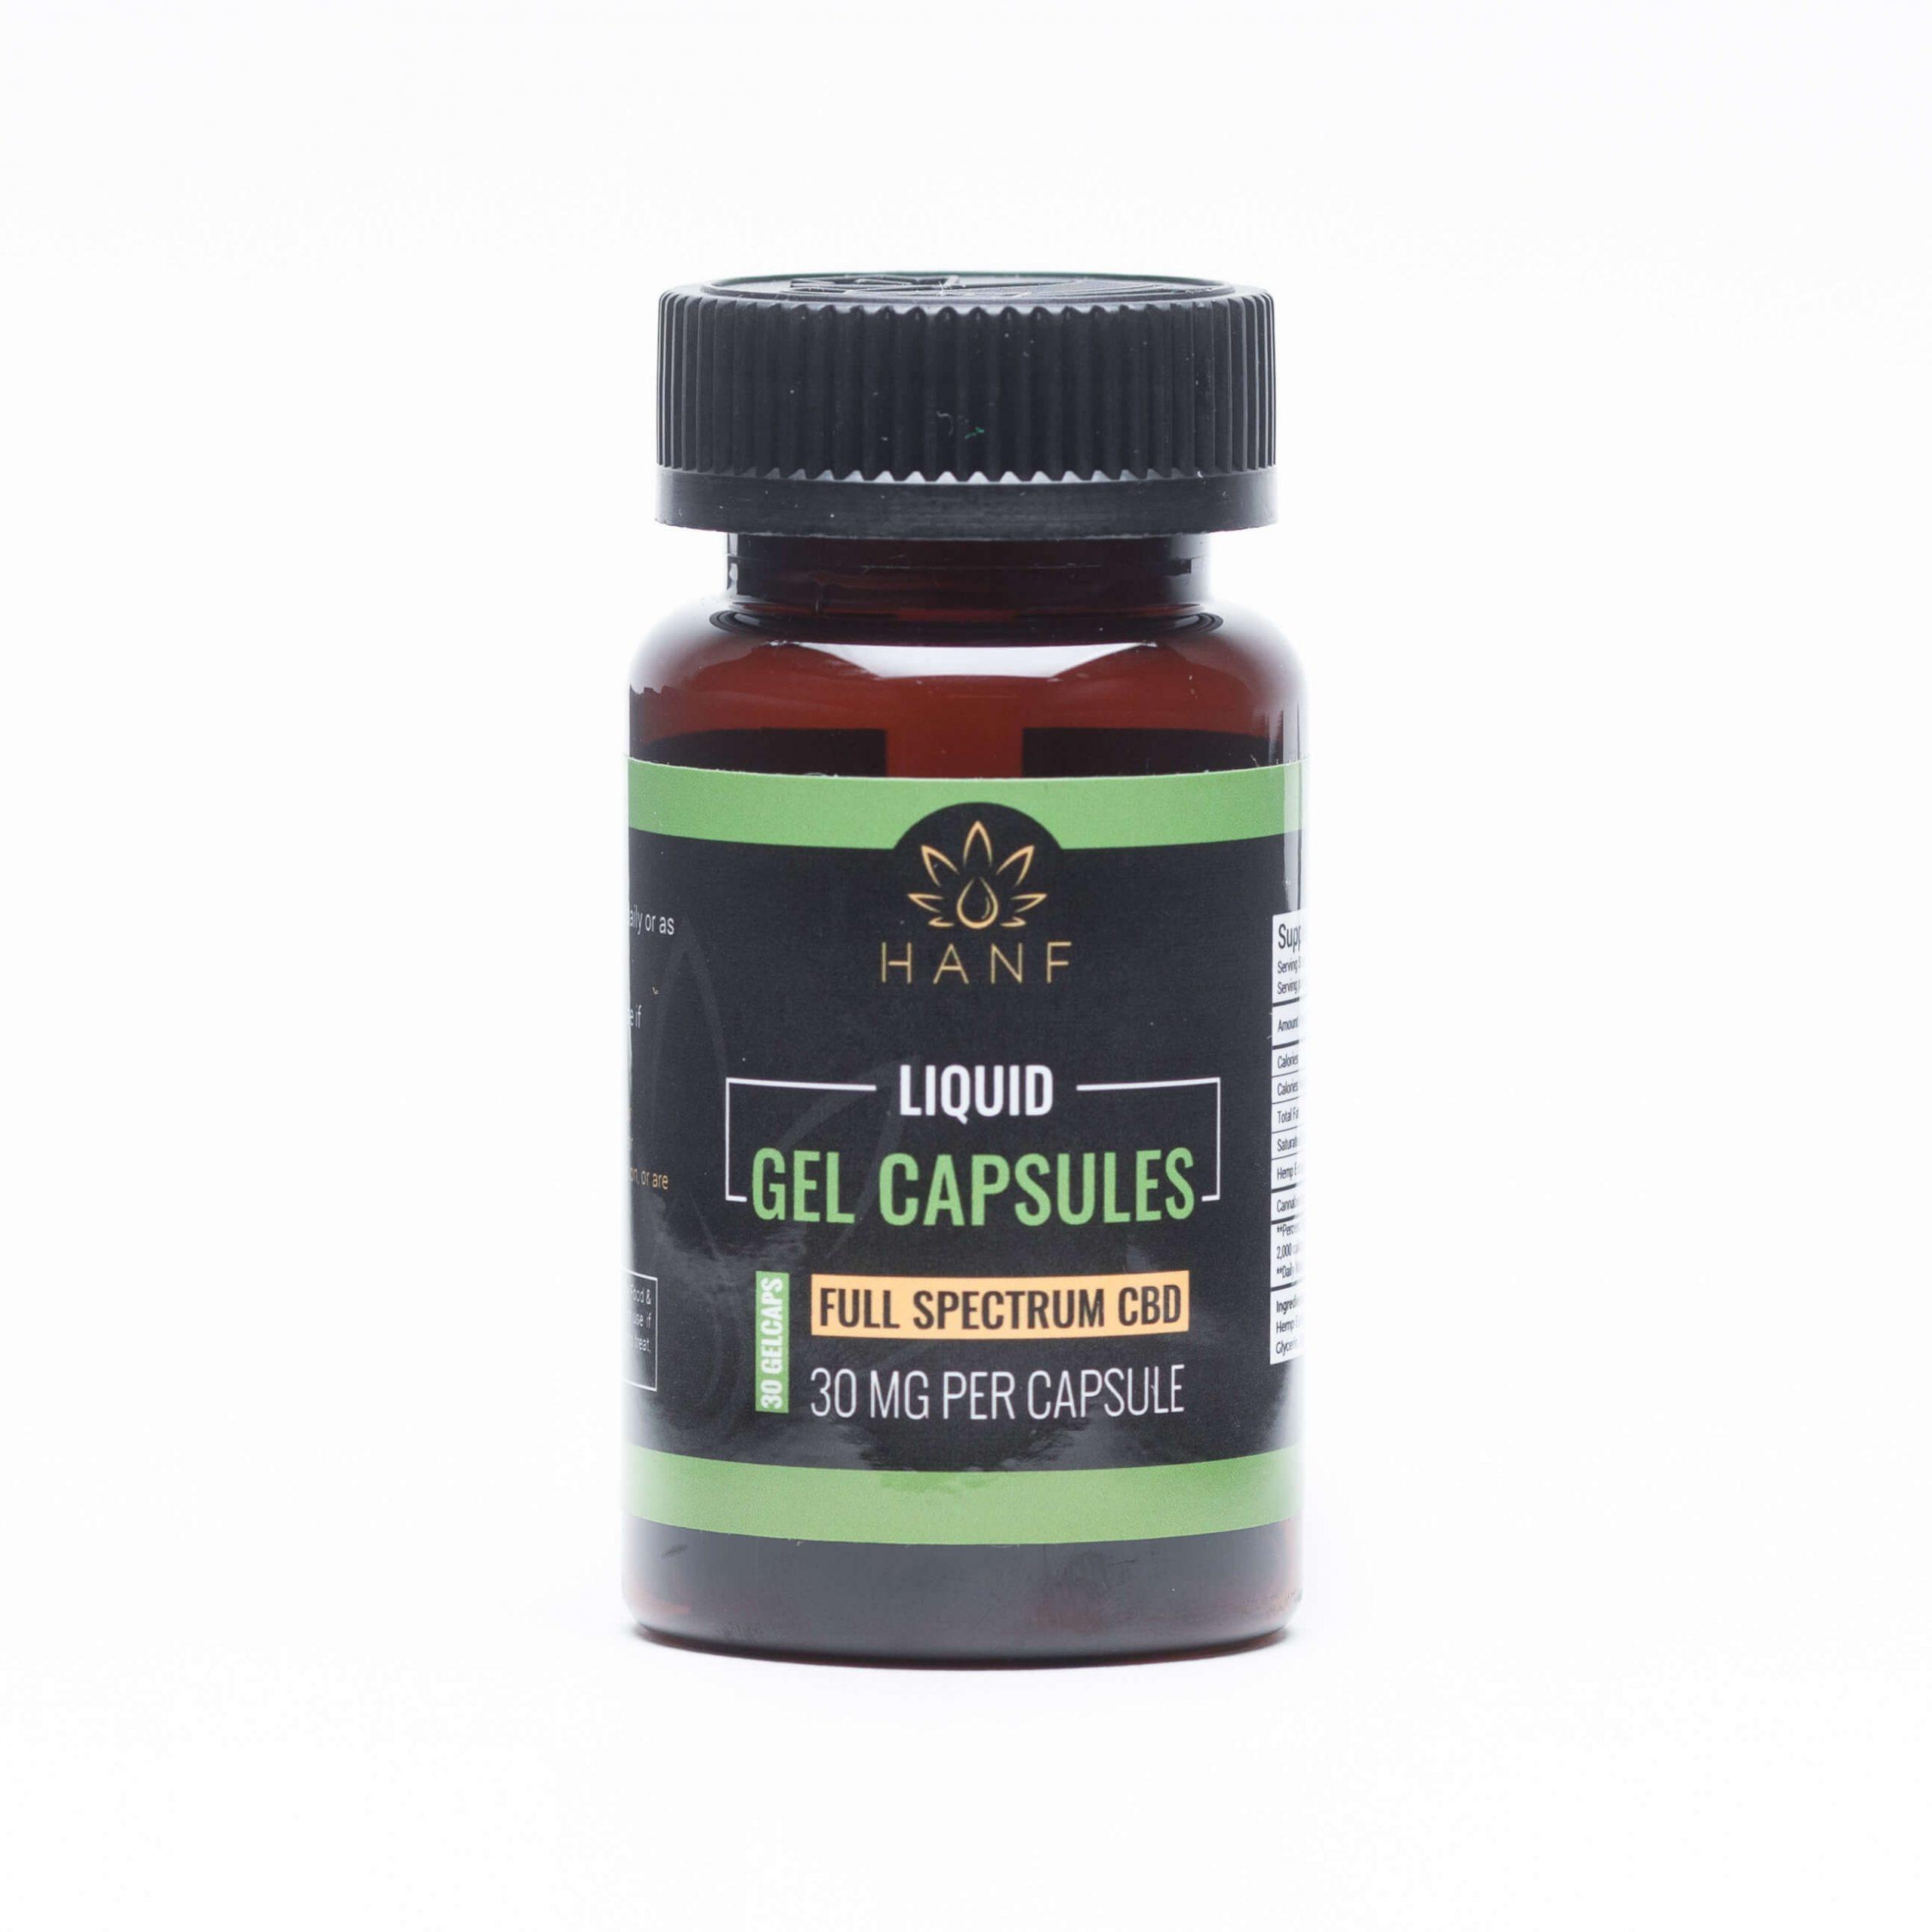 Hanf liquid gel capsules